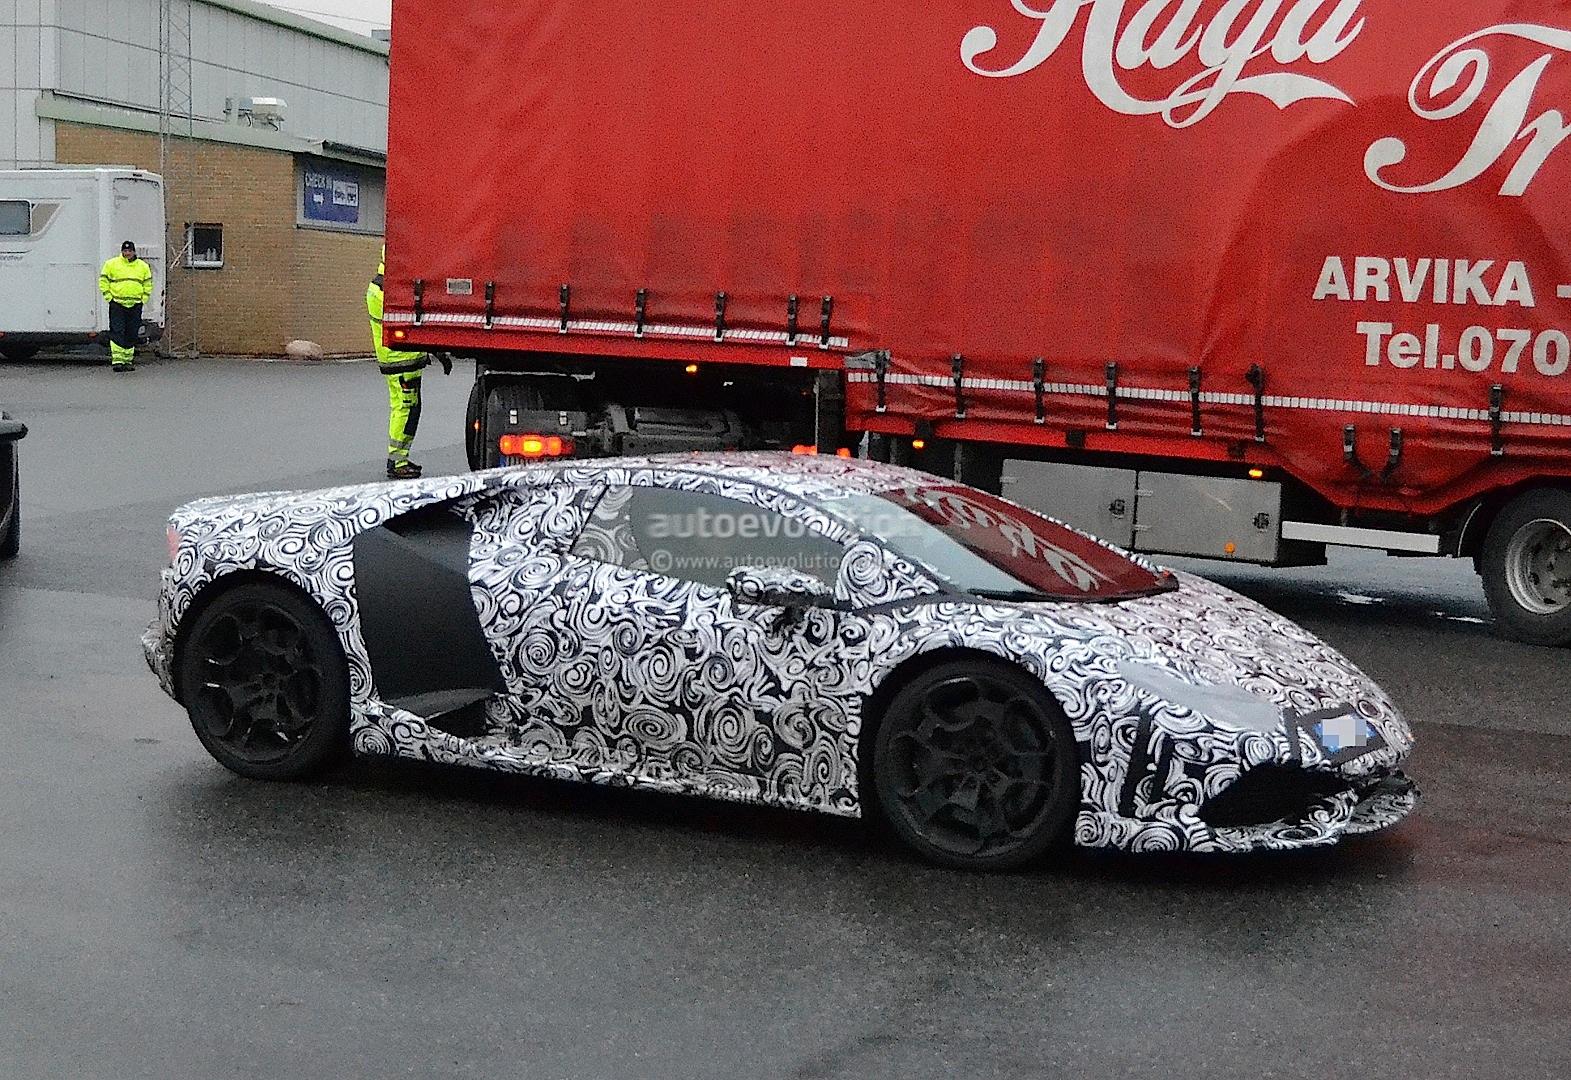 2013 - [Lamborghini] Huracán LP610-4  - Page 4 Lamborghini-cabrera-shows-retro-wheels-in-latest-spyshots-1080p-7